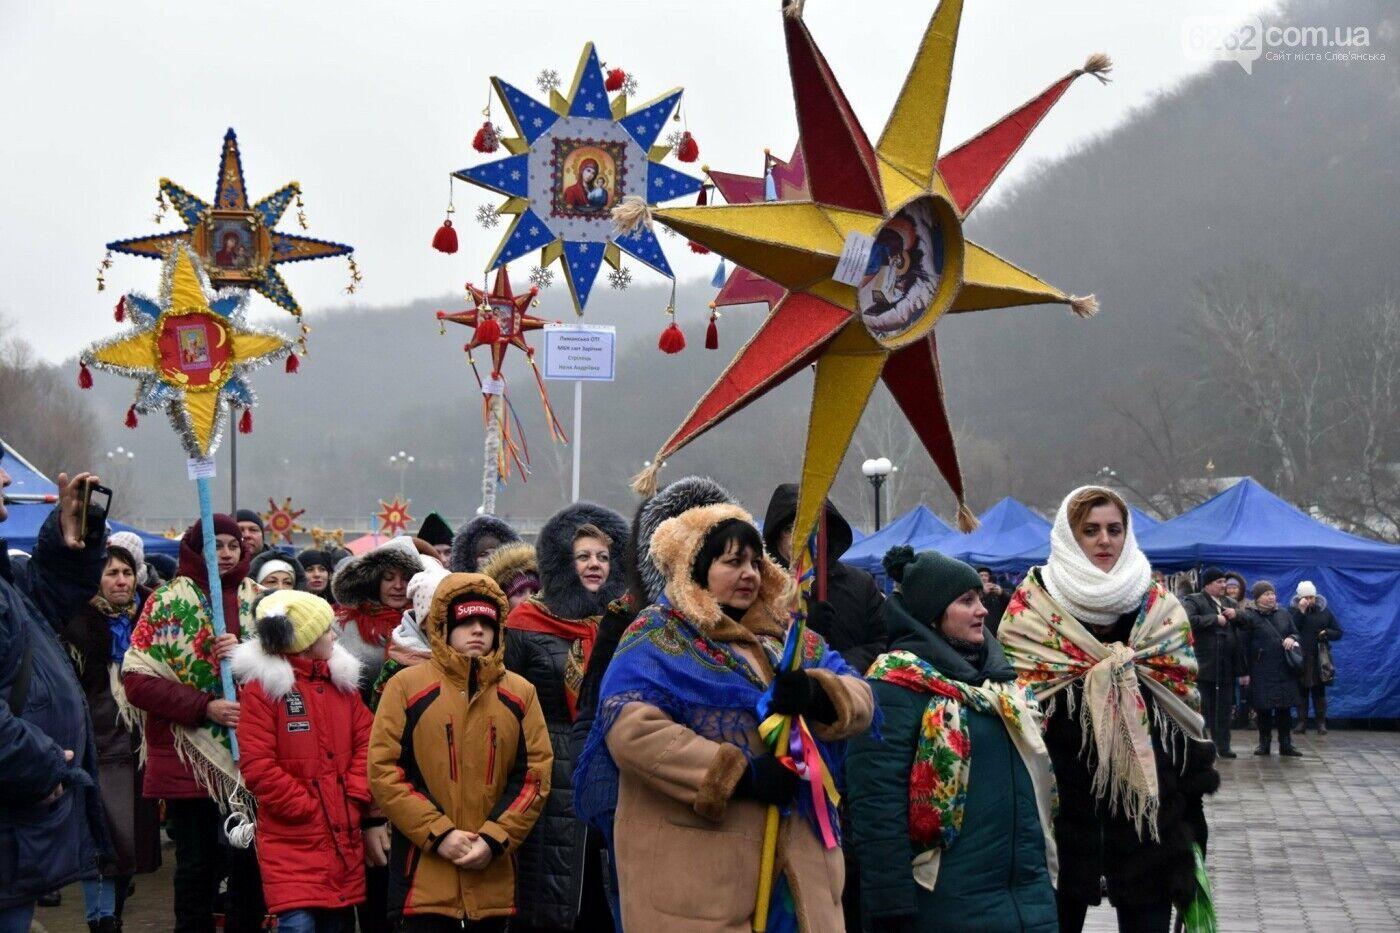 Колядующие носят с собой звезду, символизирующую Вифлеемскую